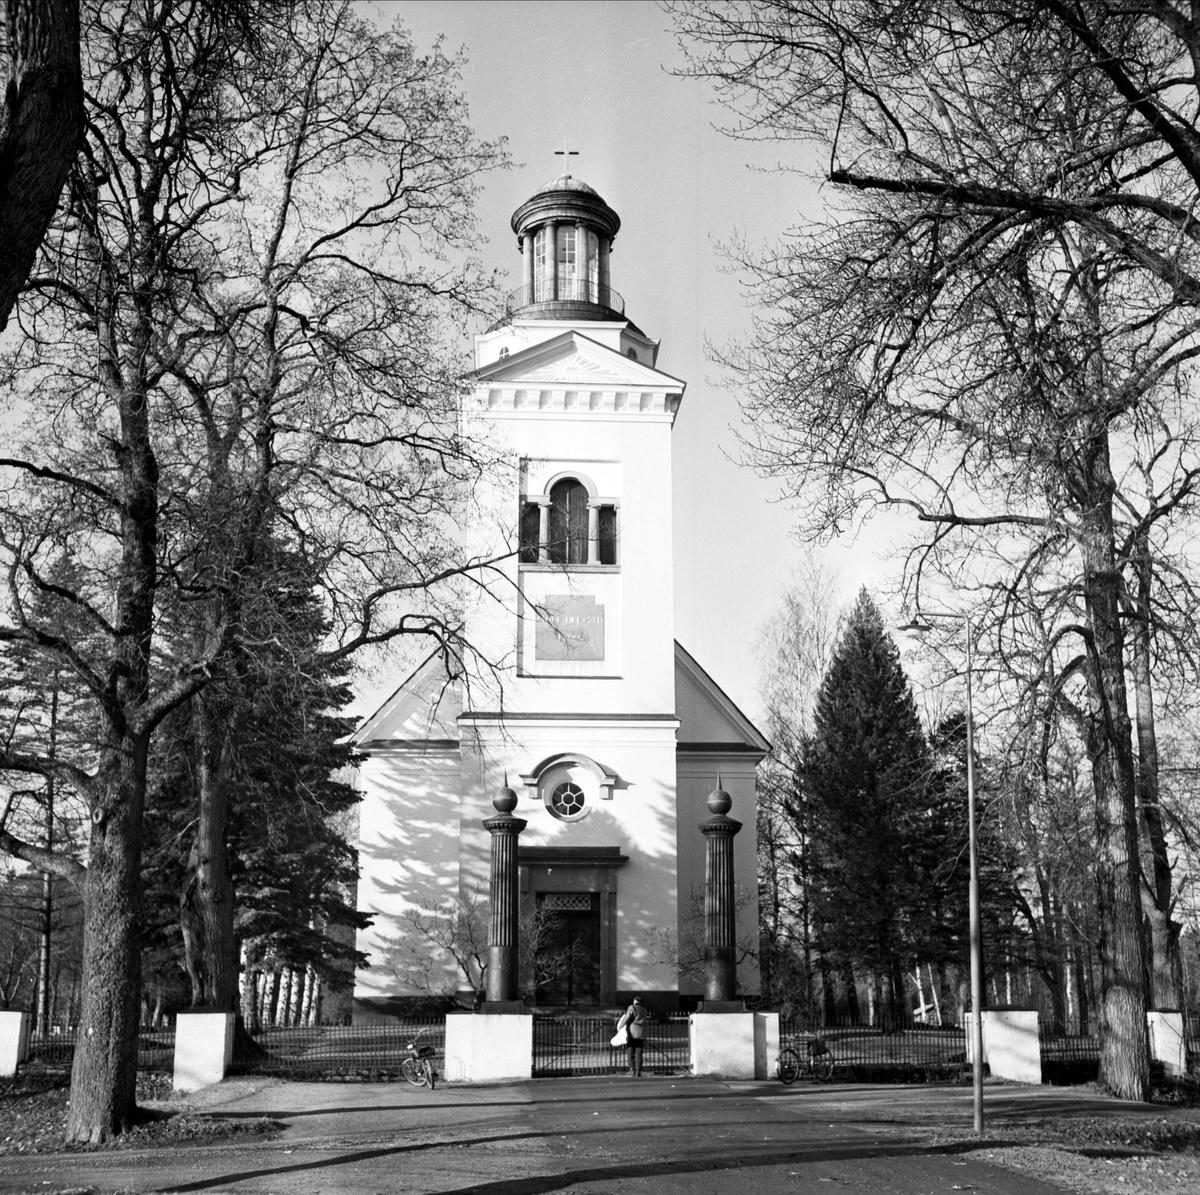 Söderfors kyrka, Söderfors, Uppland 1966